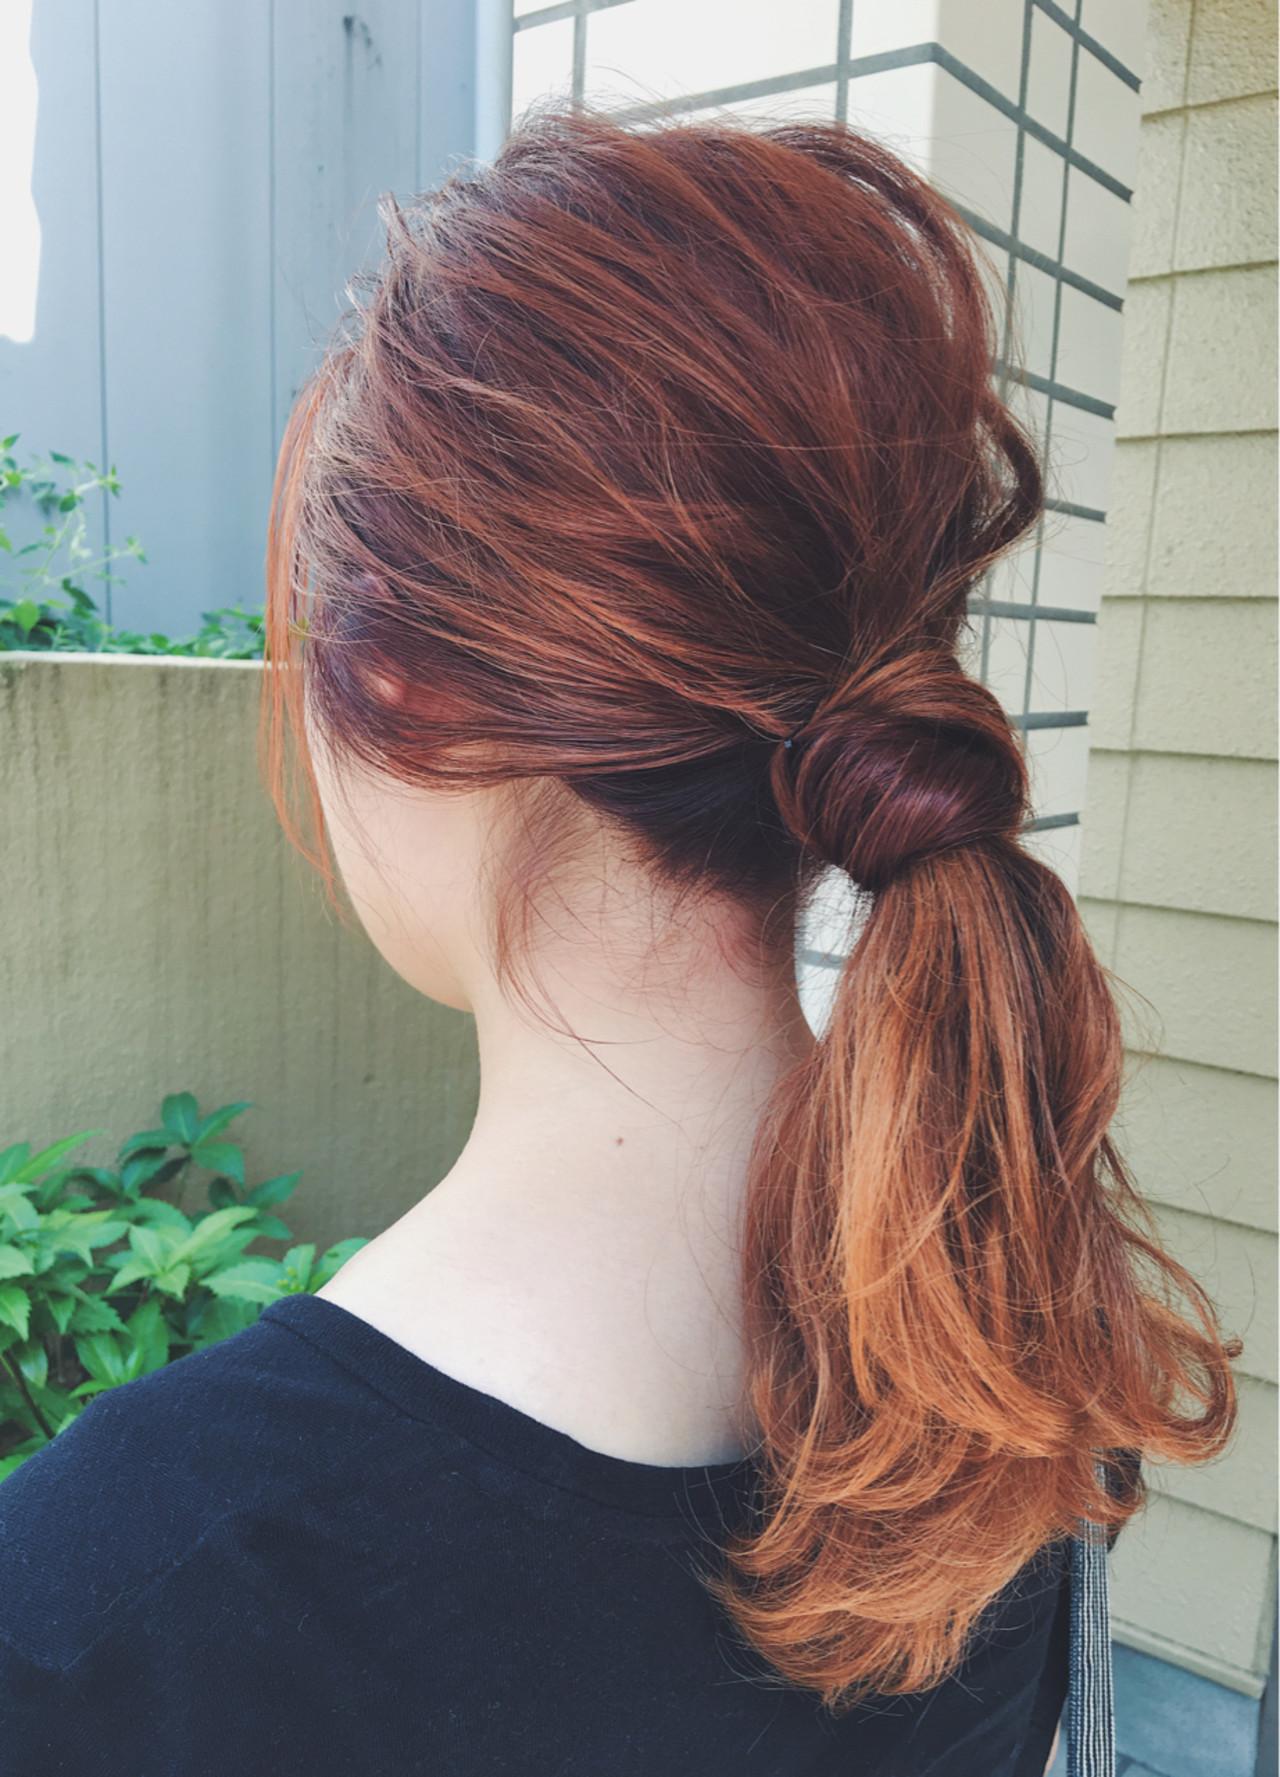 ミディアム イエロー ナチュラル 簡単ヘアアレンジ ヘアスタイルや髪型の写真・画像